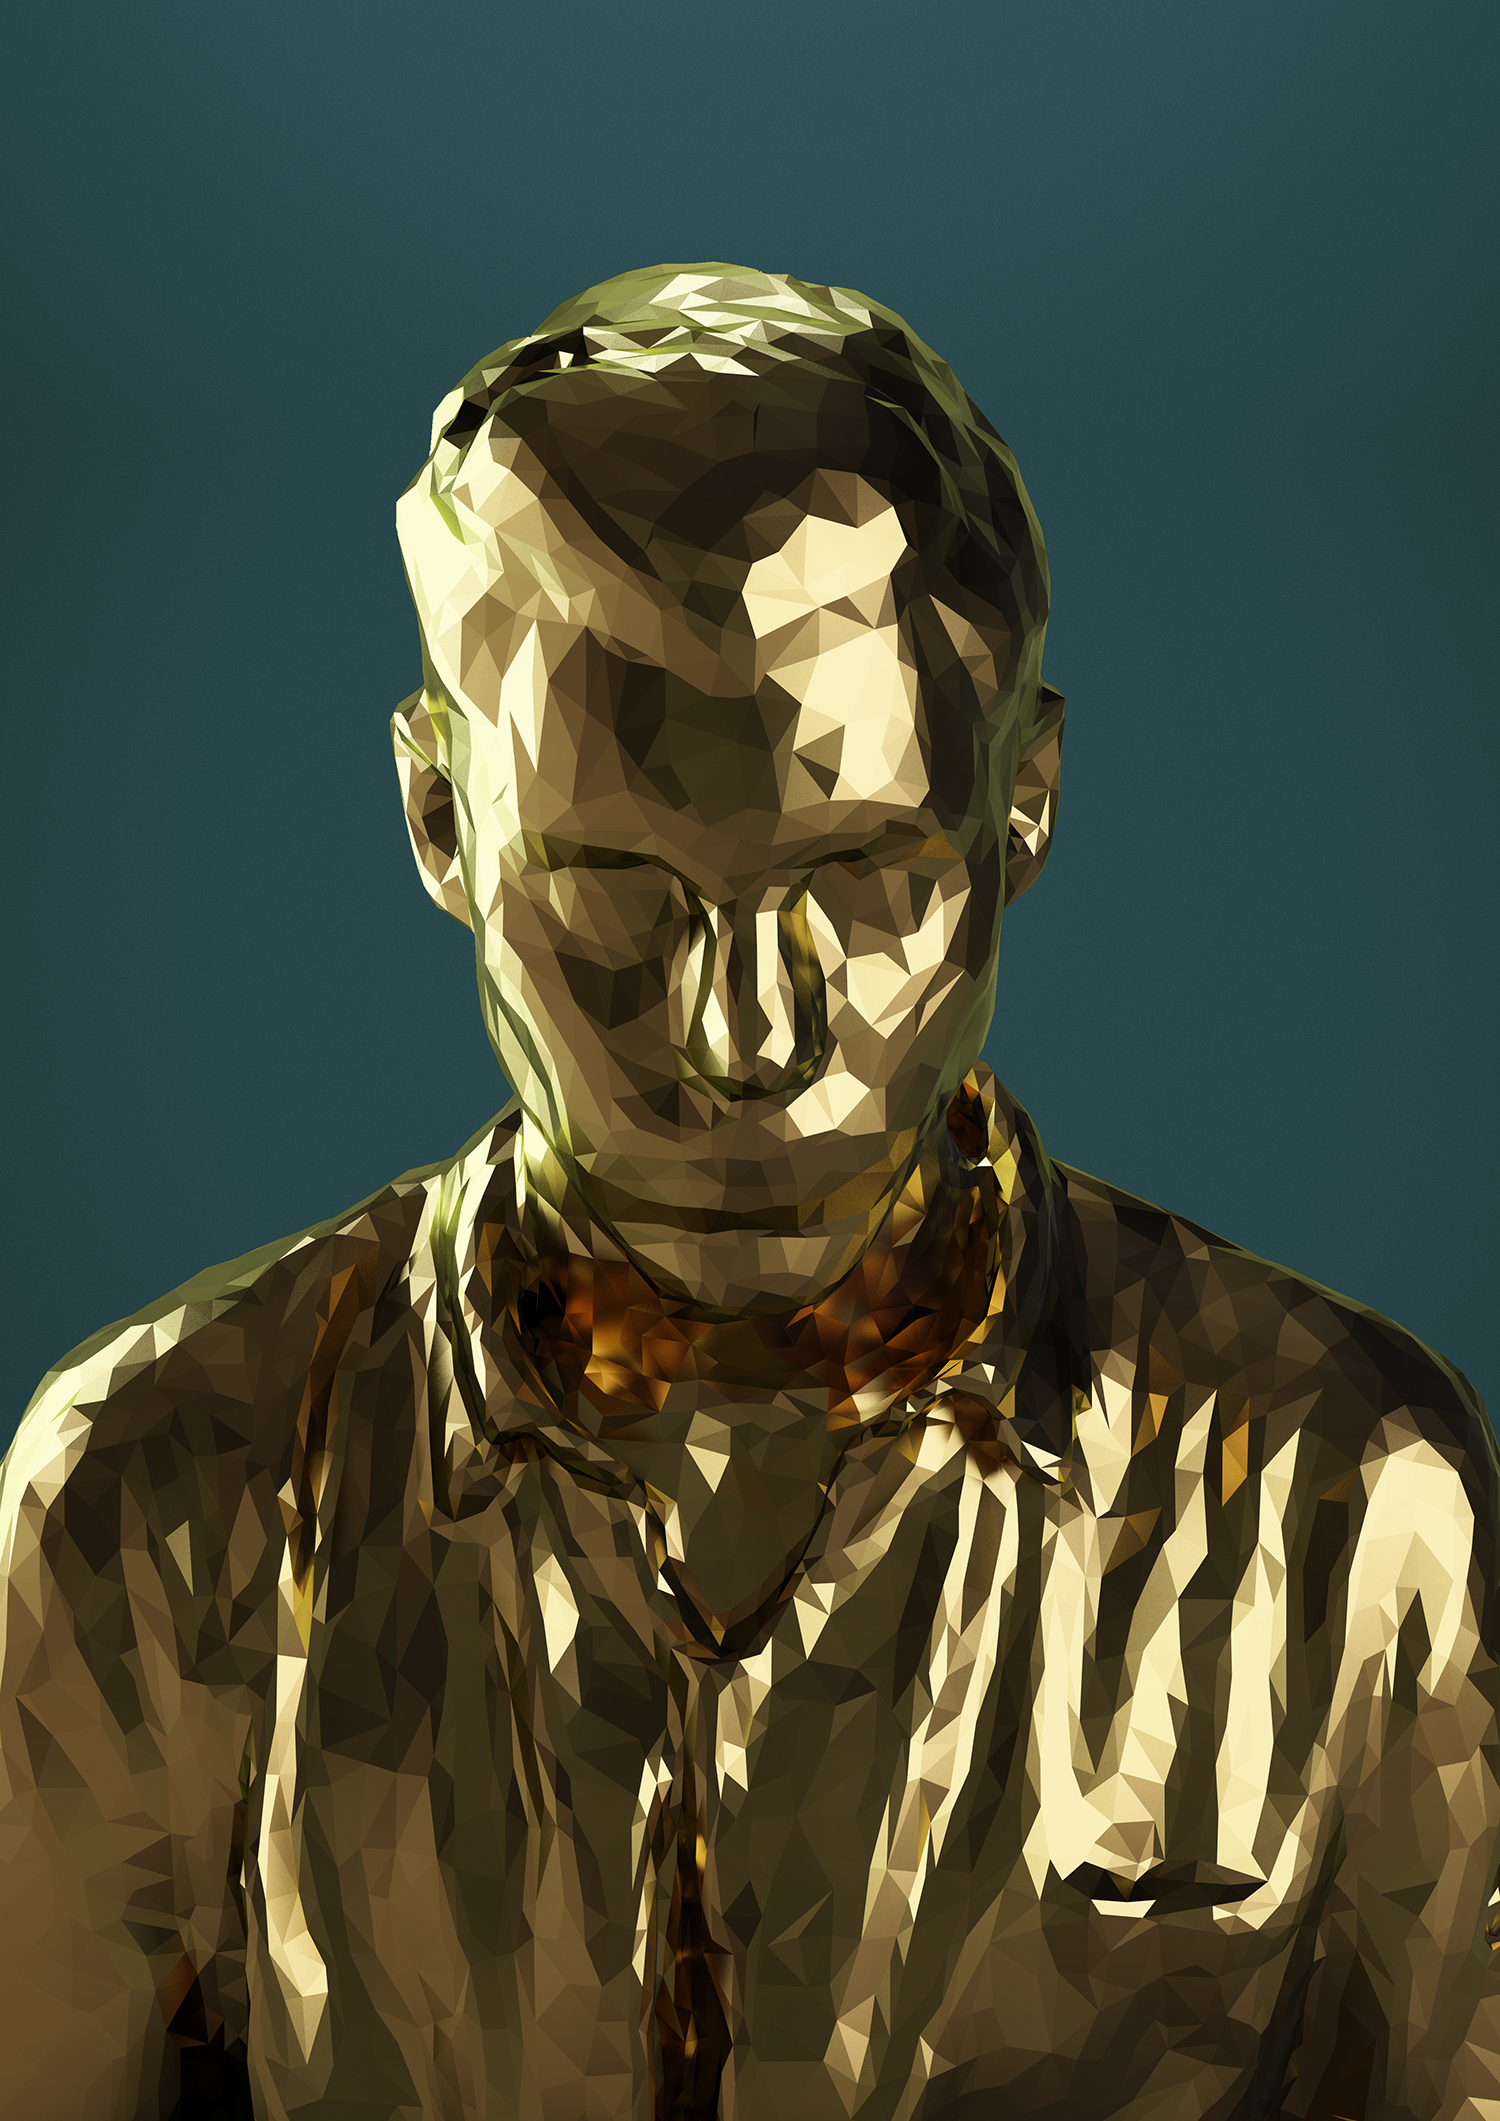 Kinect Portraits - Mike Pelletier